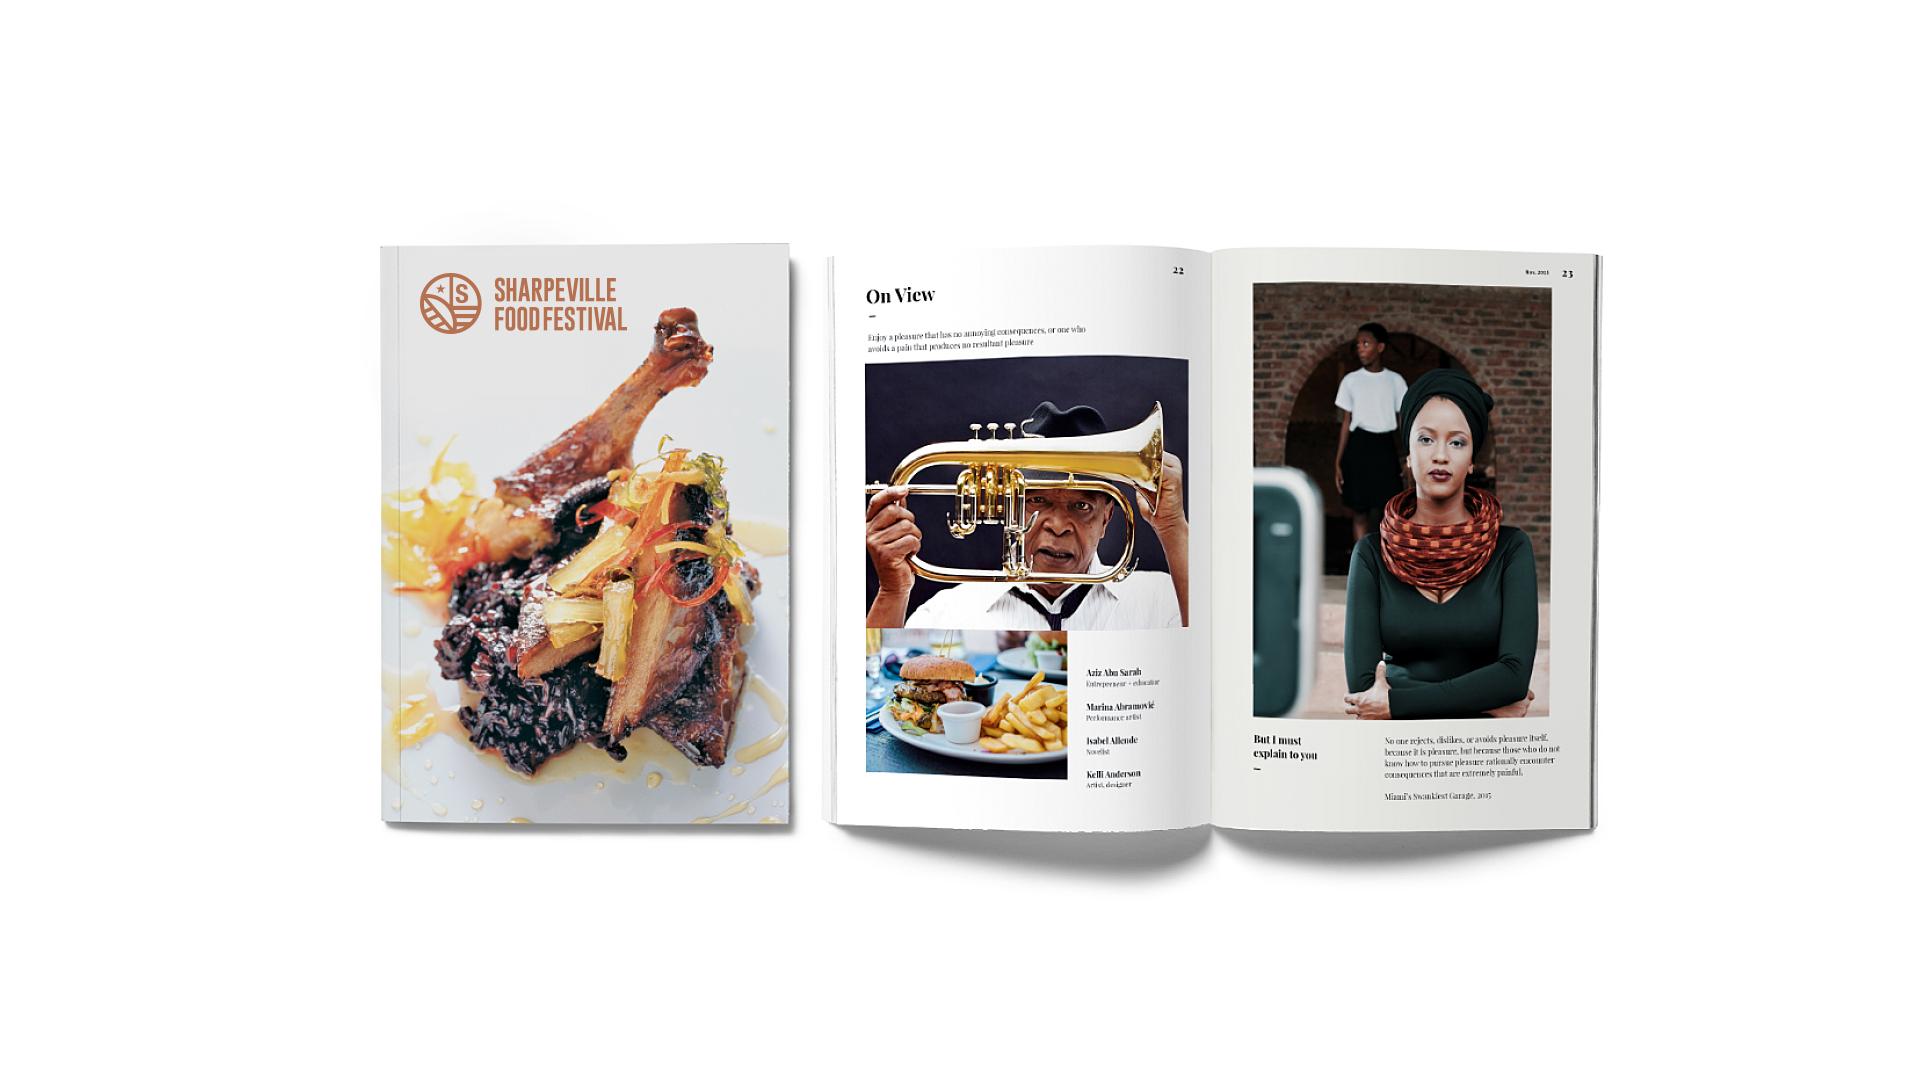 Sharpeville Food Festival Annual Magazine